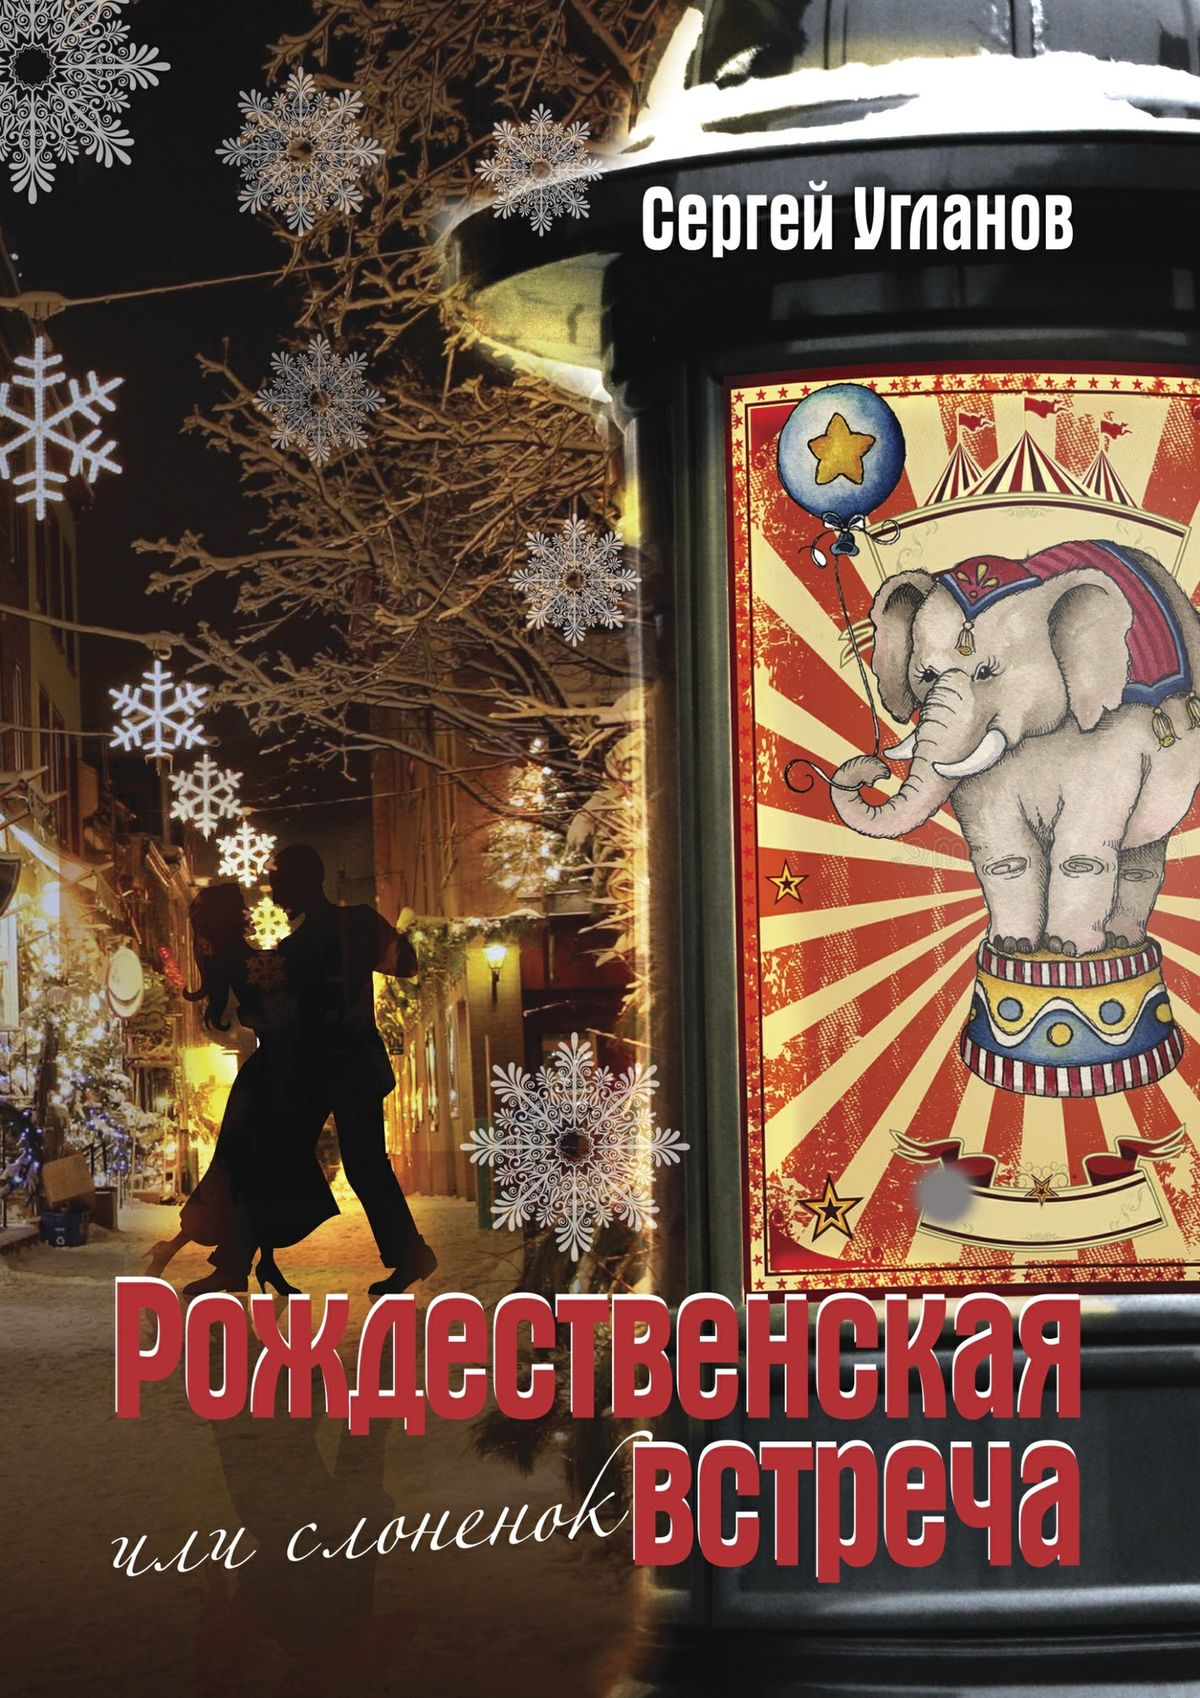 Рождественская встреча, или Слоненок. Сказка